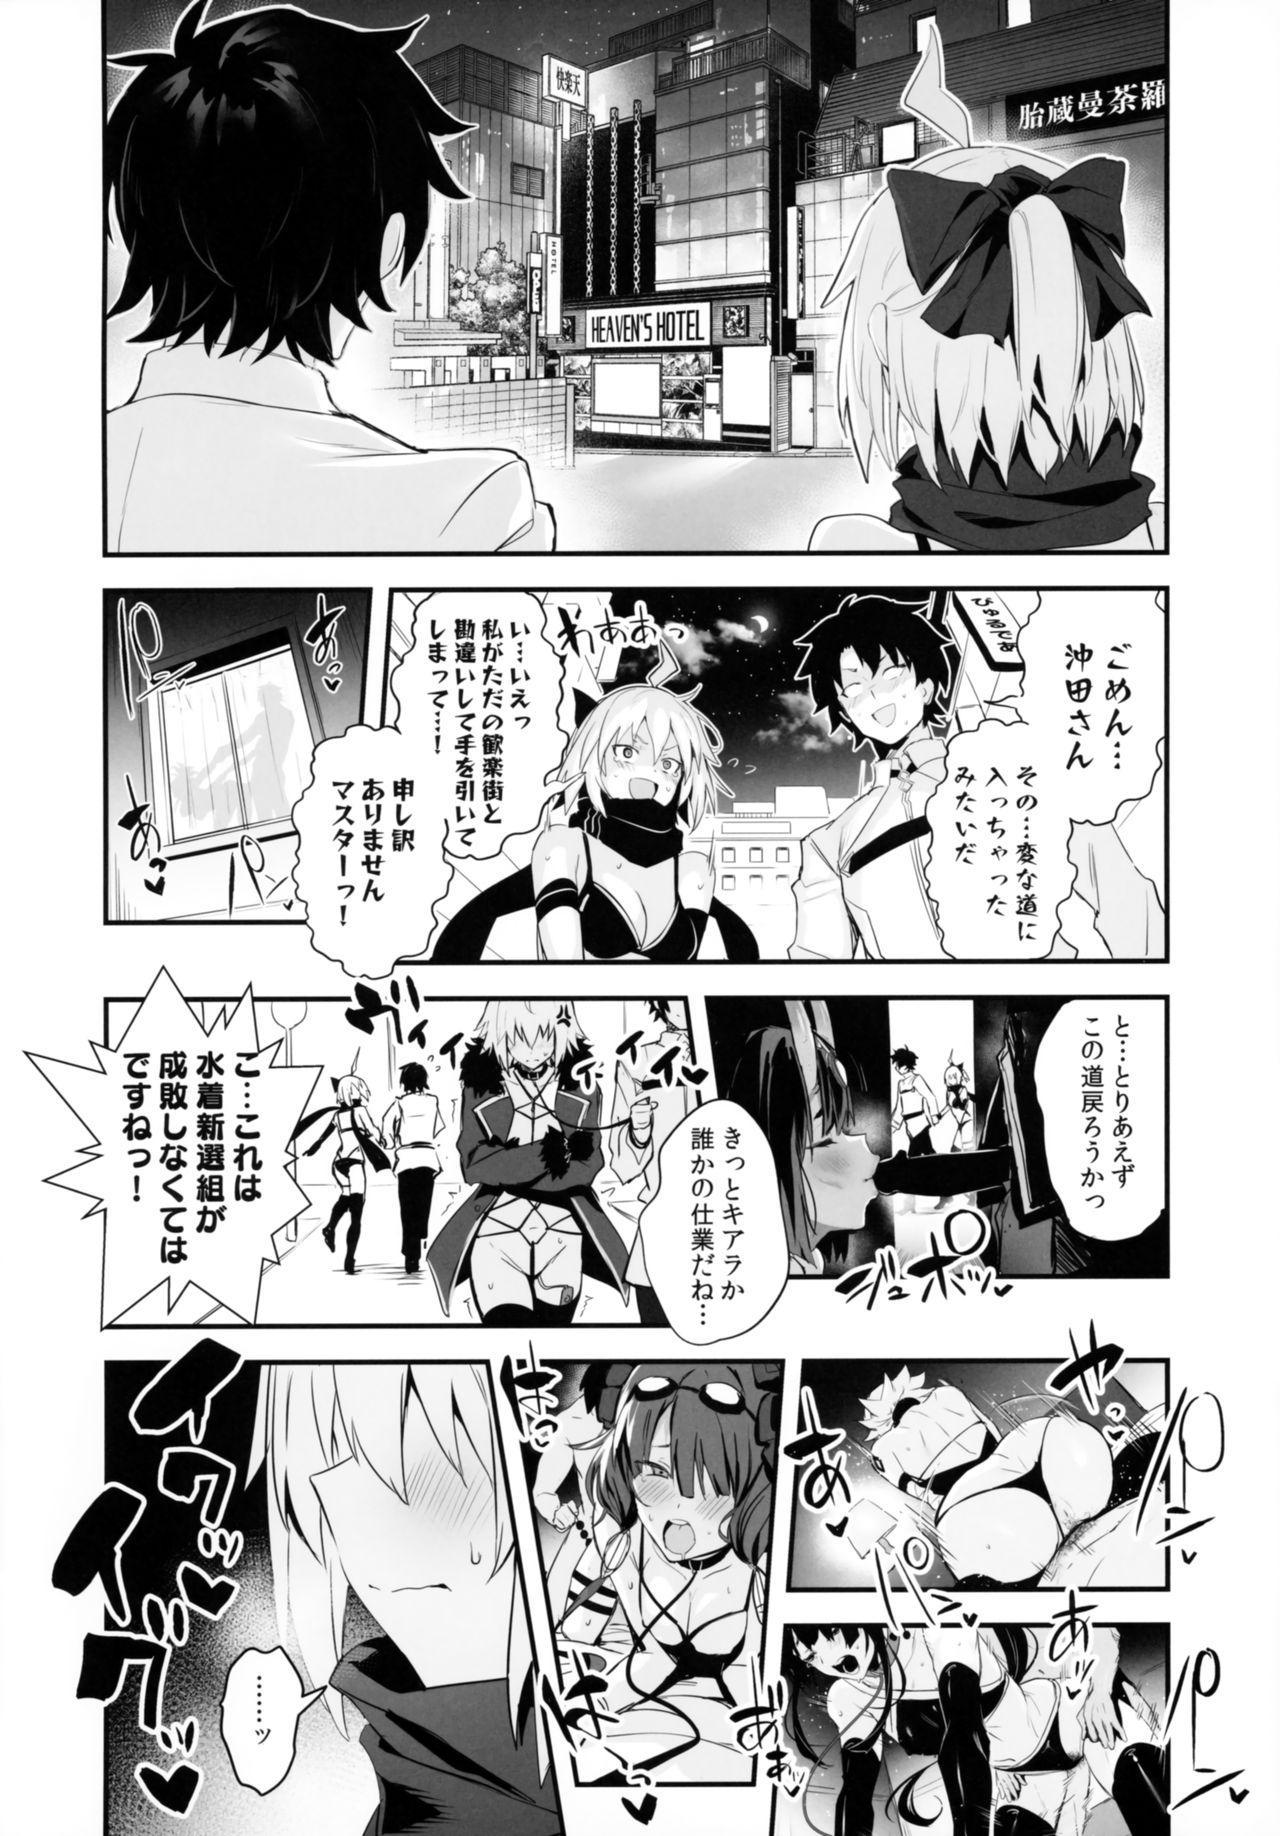 ServaLove! VOL. 01 Okita-san to Asa made LoveHo de Mizugi Sex 2